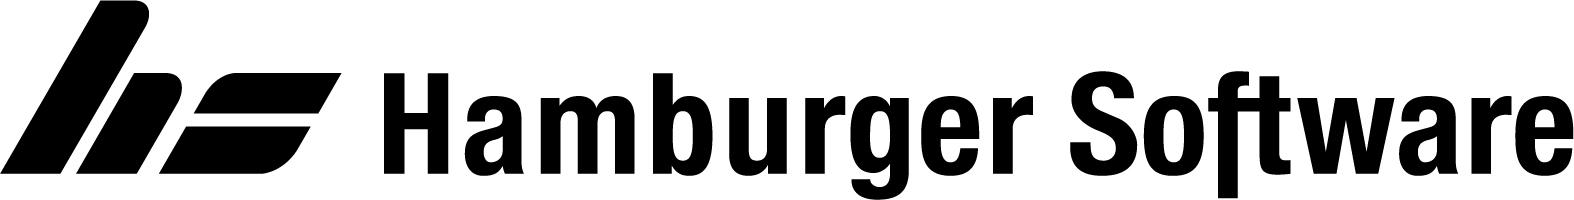 https://www.oscware.de/images/HS_Logo.jpg